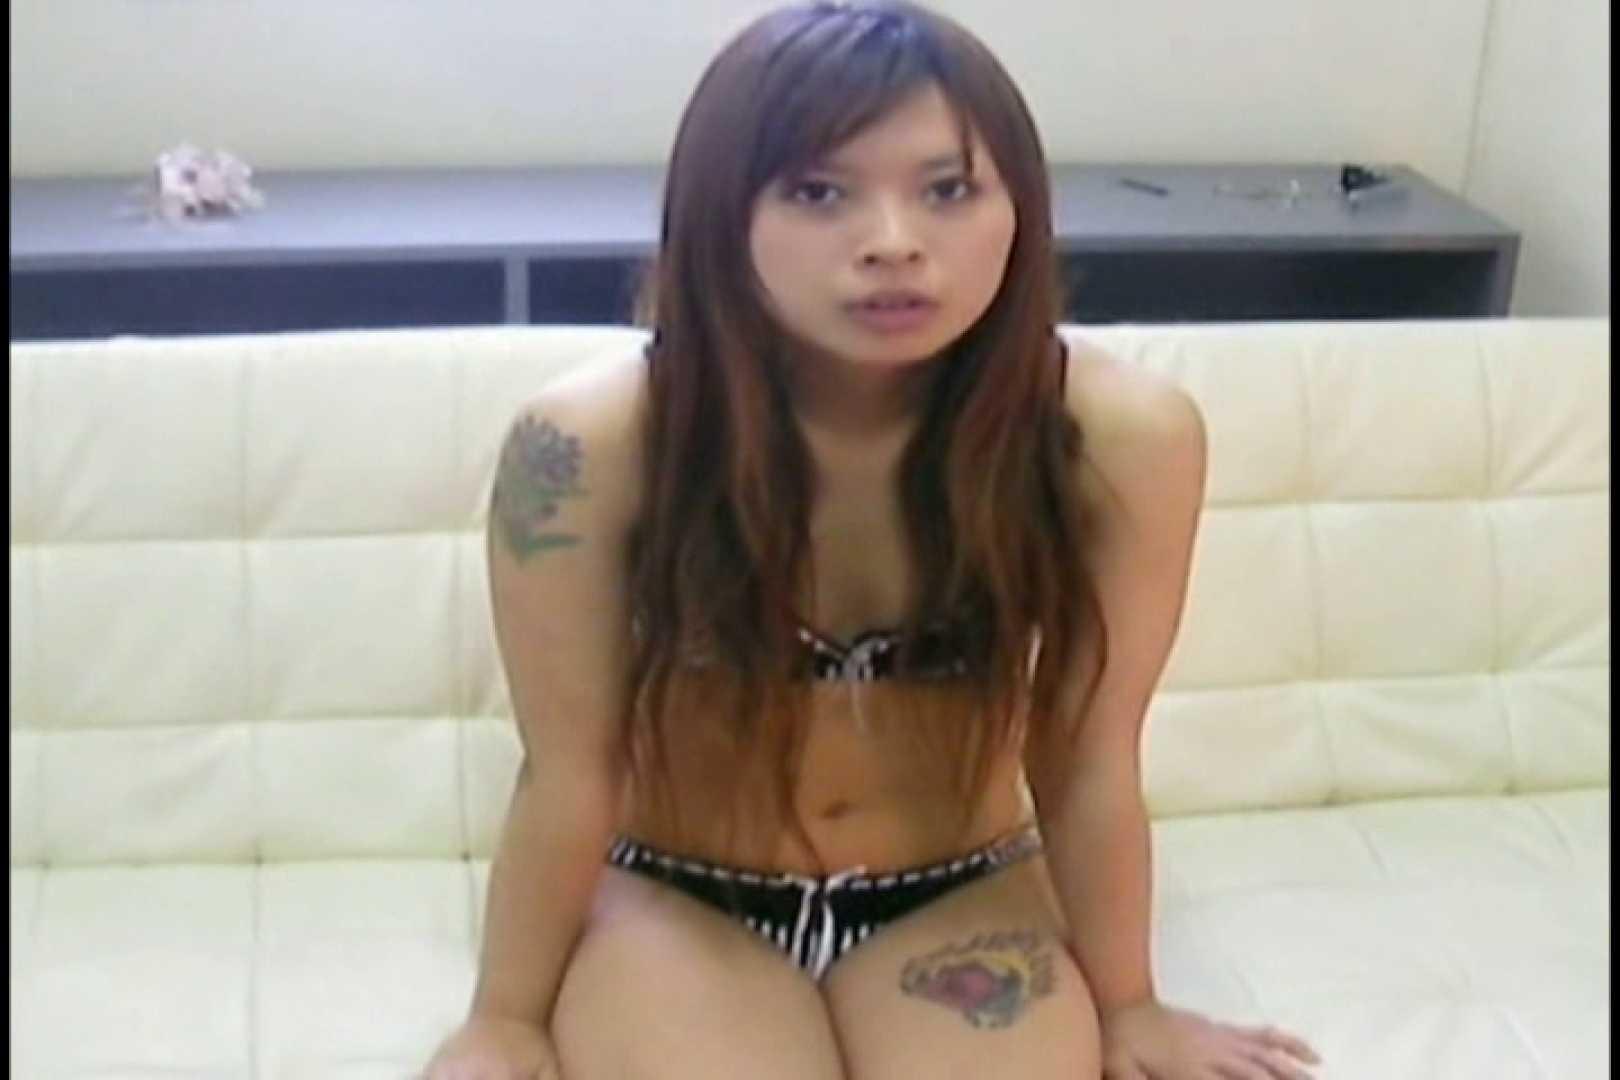 素人撮影 下着だけの撮影のはずが・・・ よしこ23歳 水着 セックス画像 92PIX 41